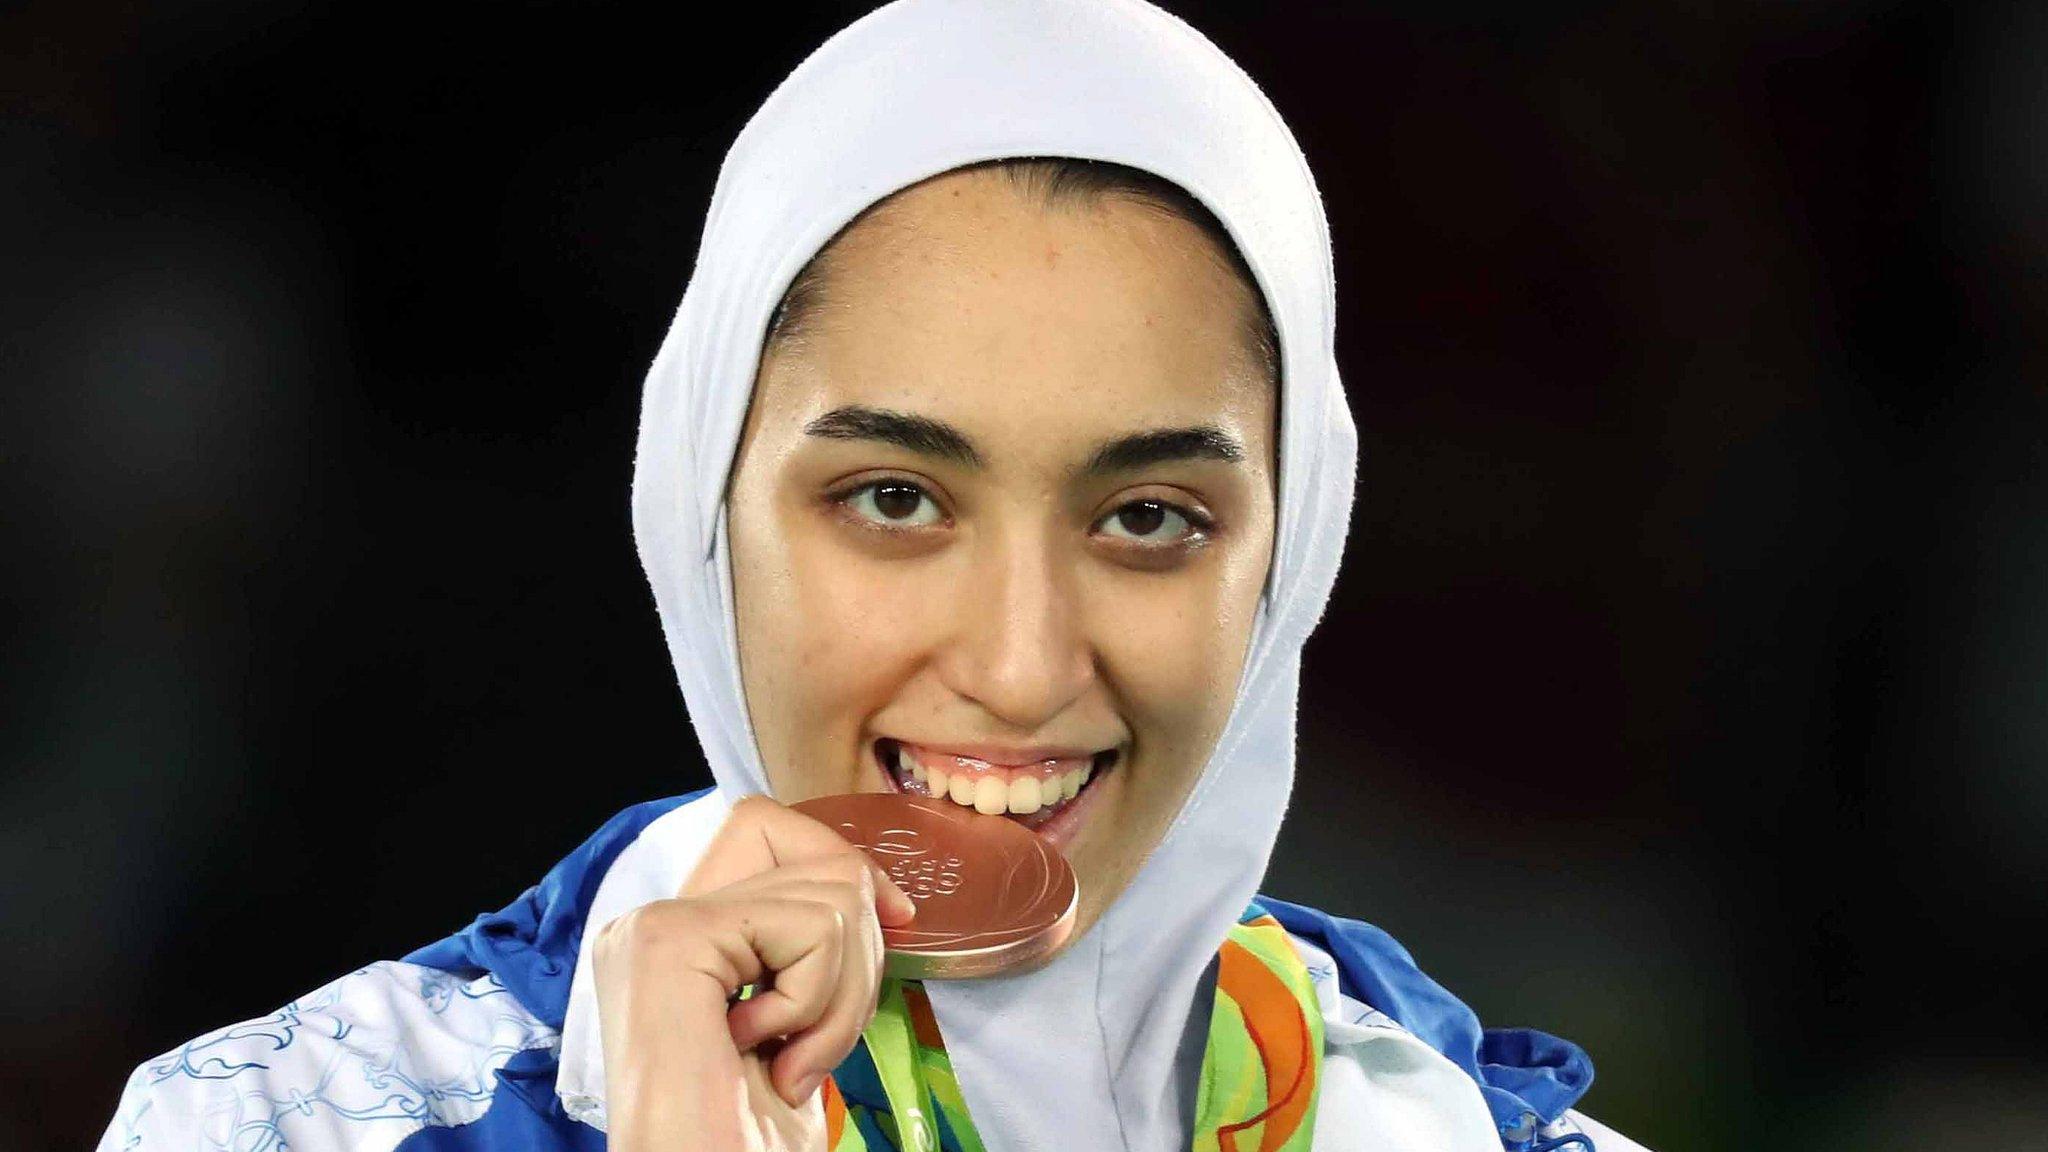 ईरान की इकलौती महिला ओलंपिक मेडल विनर को क्यों छोड़ना पड़ा देश - BBC News  हिंदी